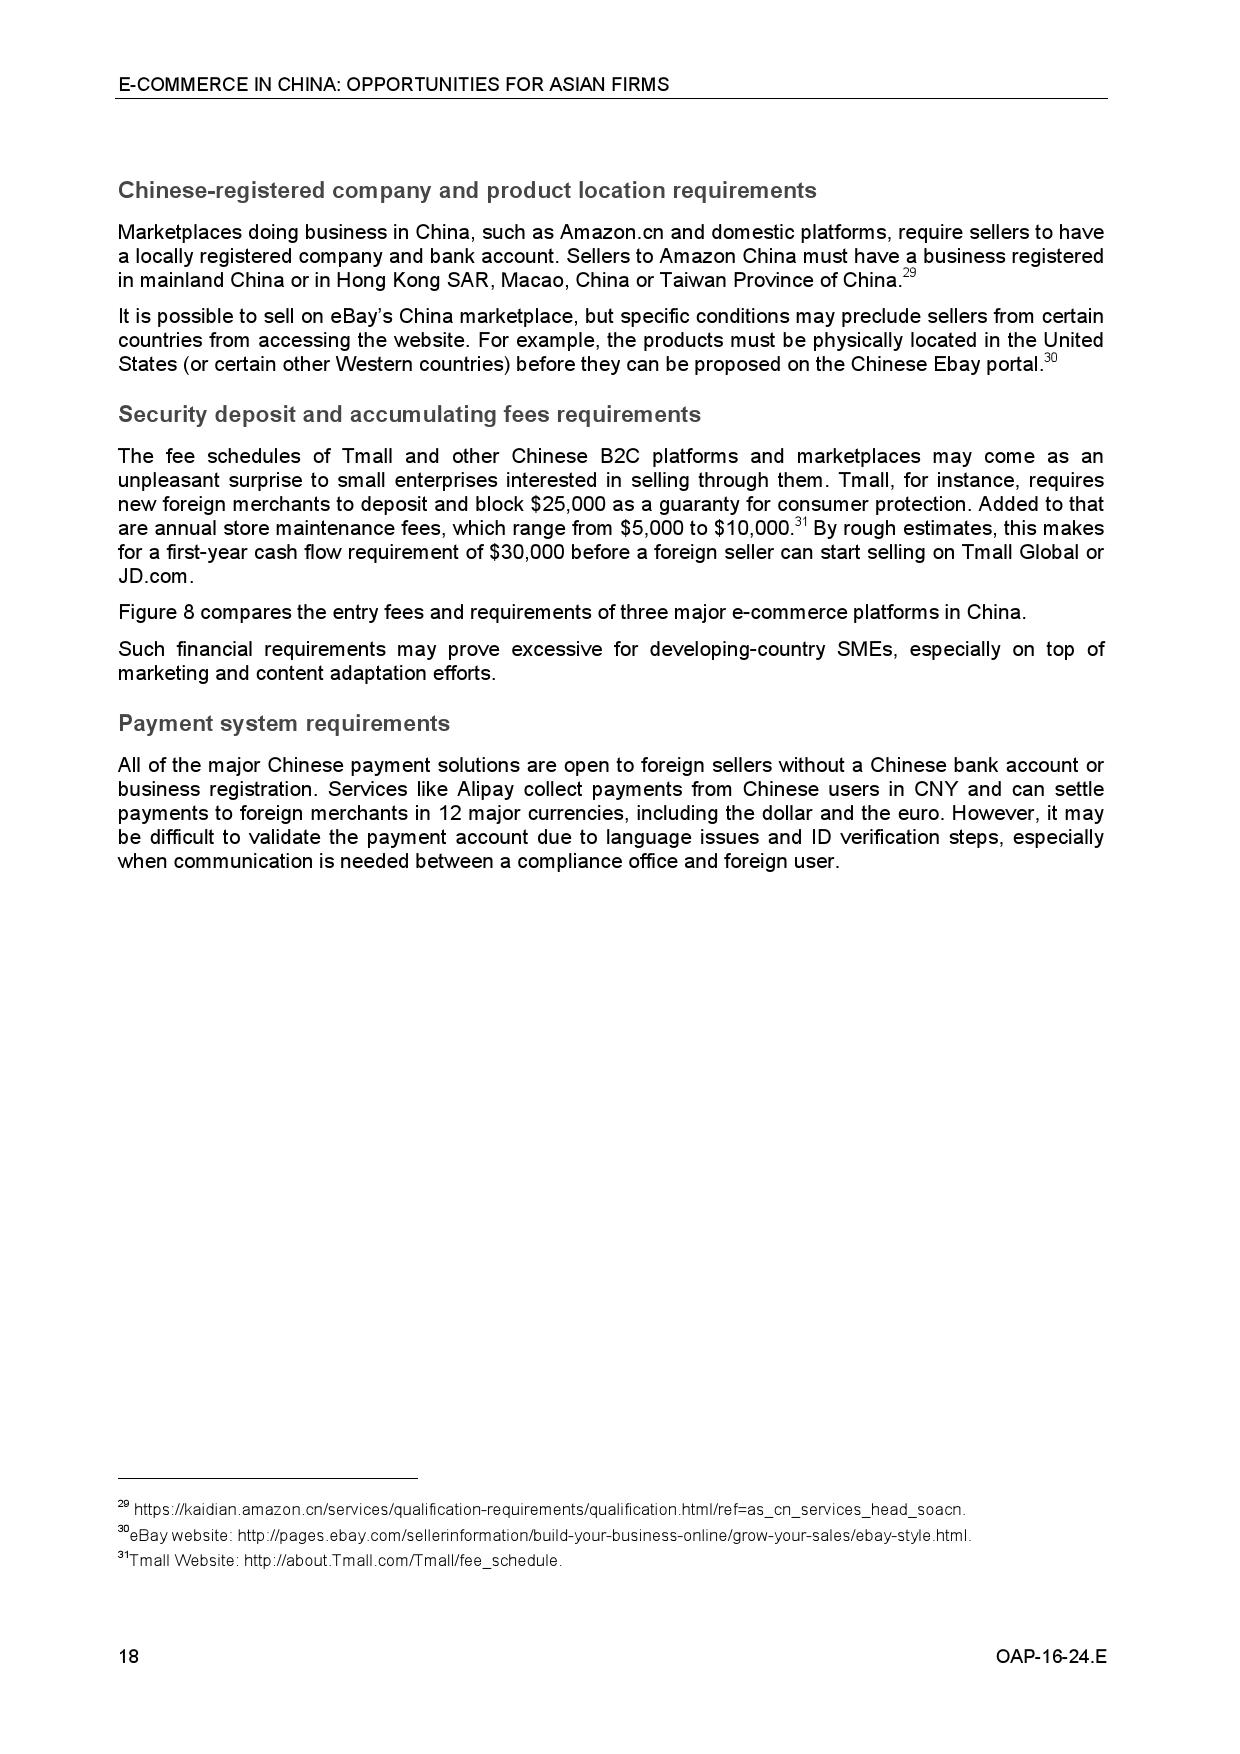 中国电子商务:对亚洲企业的机遇_000030